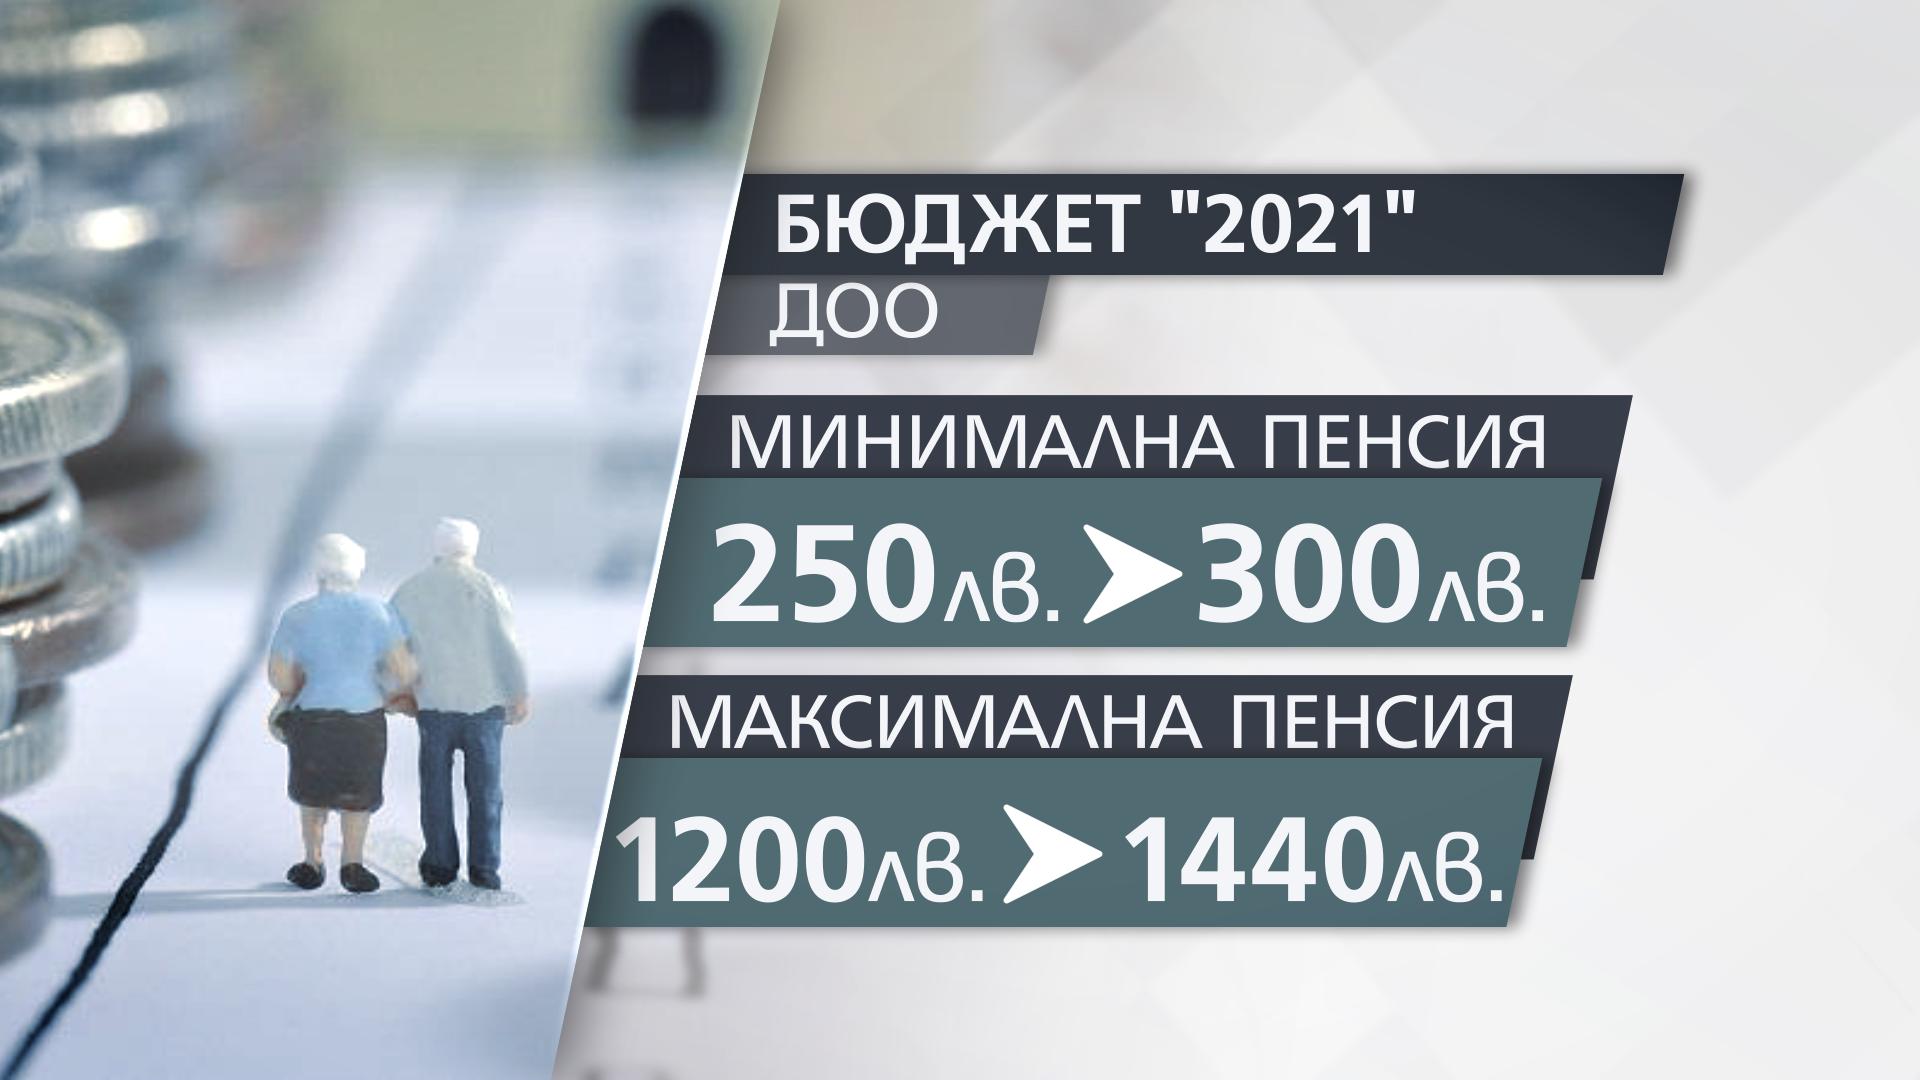 Синдикати и работодатели искат поне 1600 лева максимална пенсия